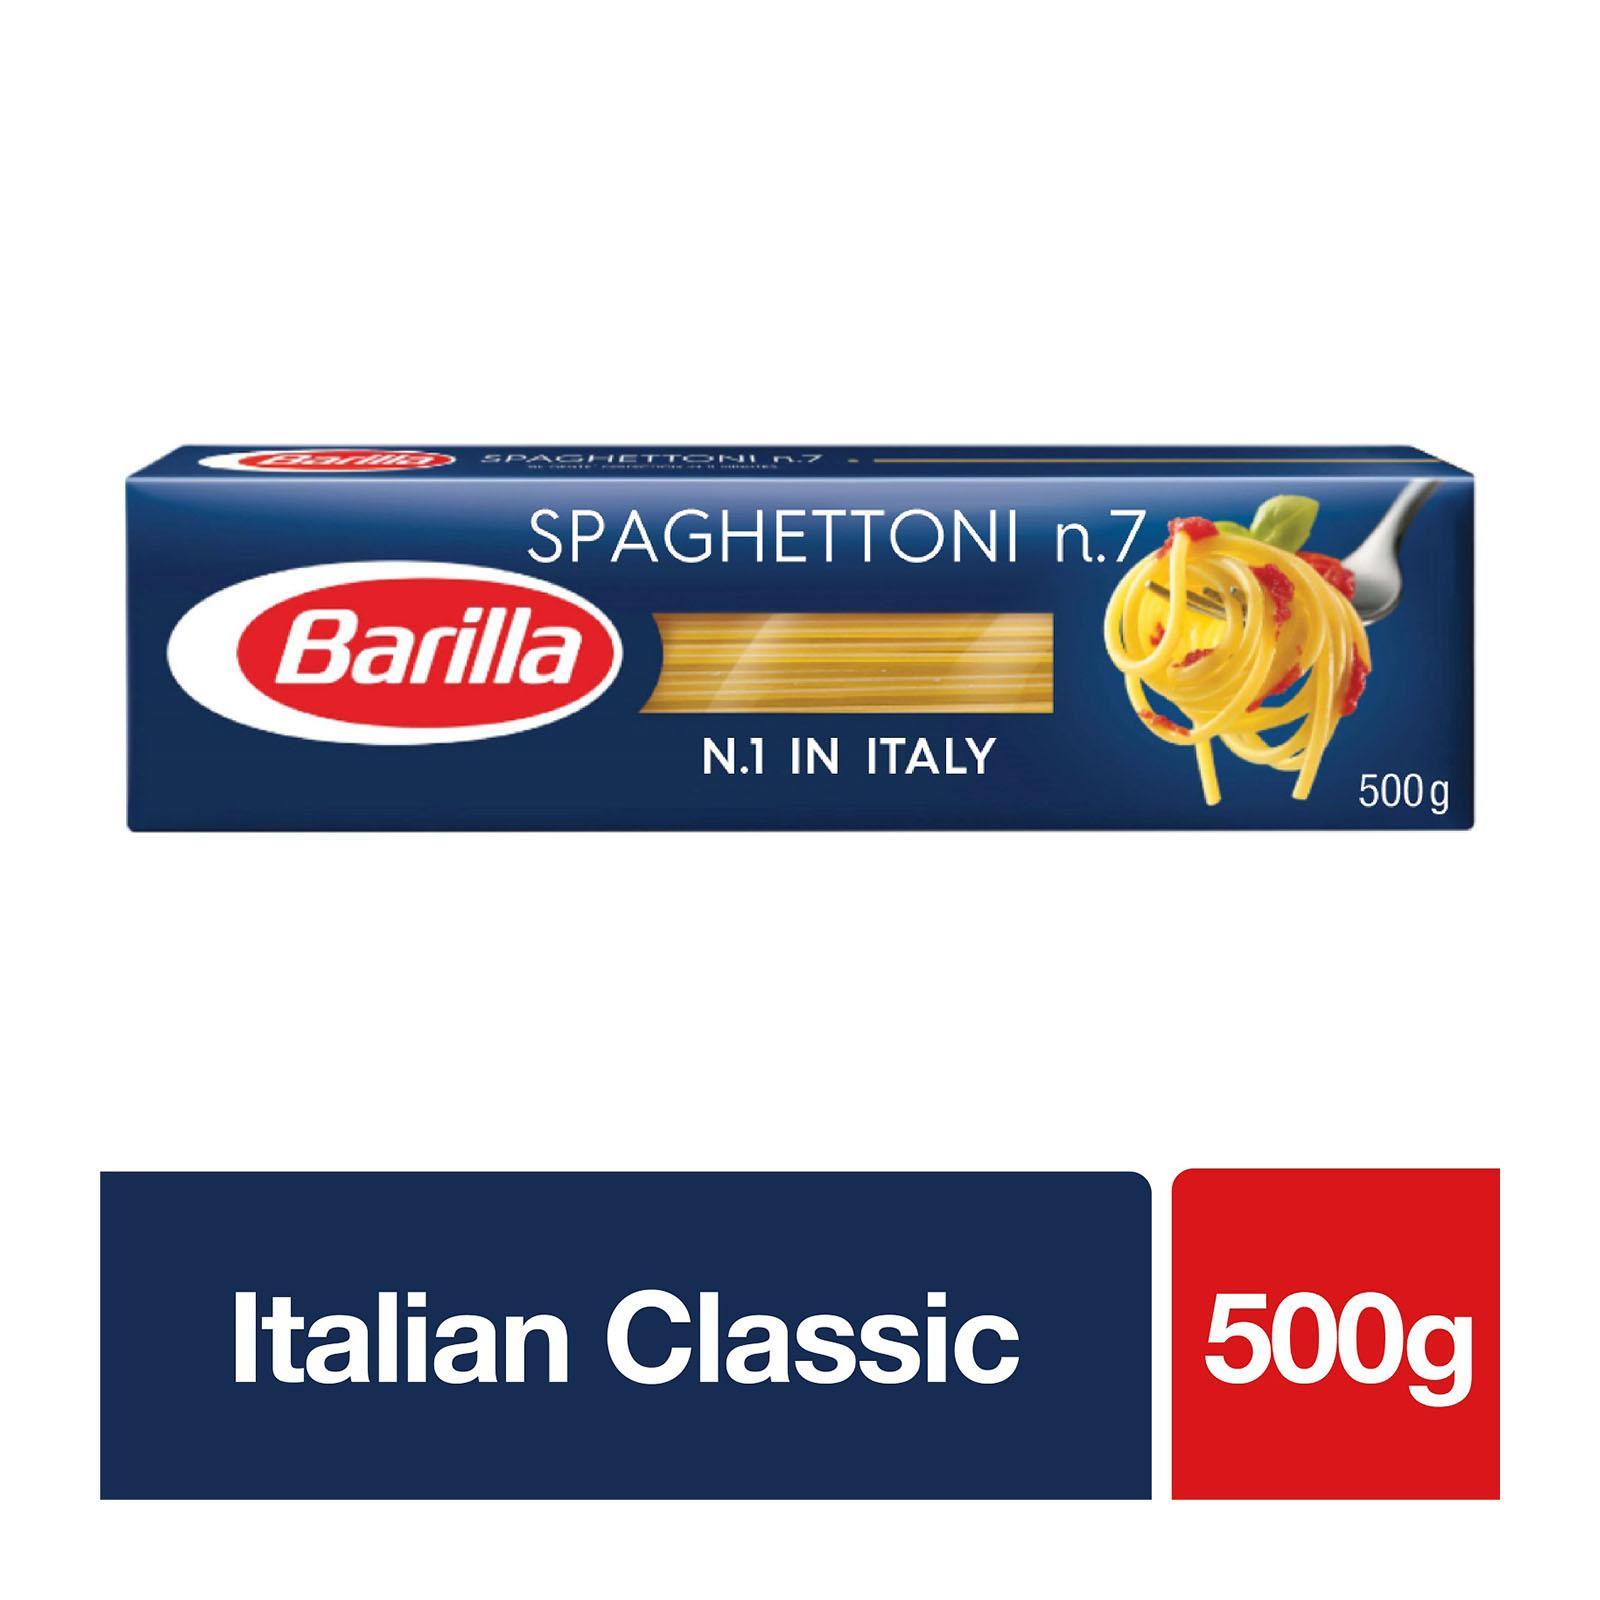 Barilla Pasta Spaghettoni No.7